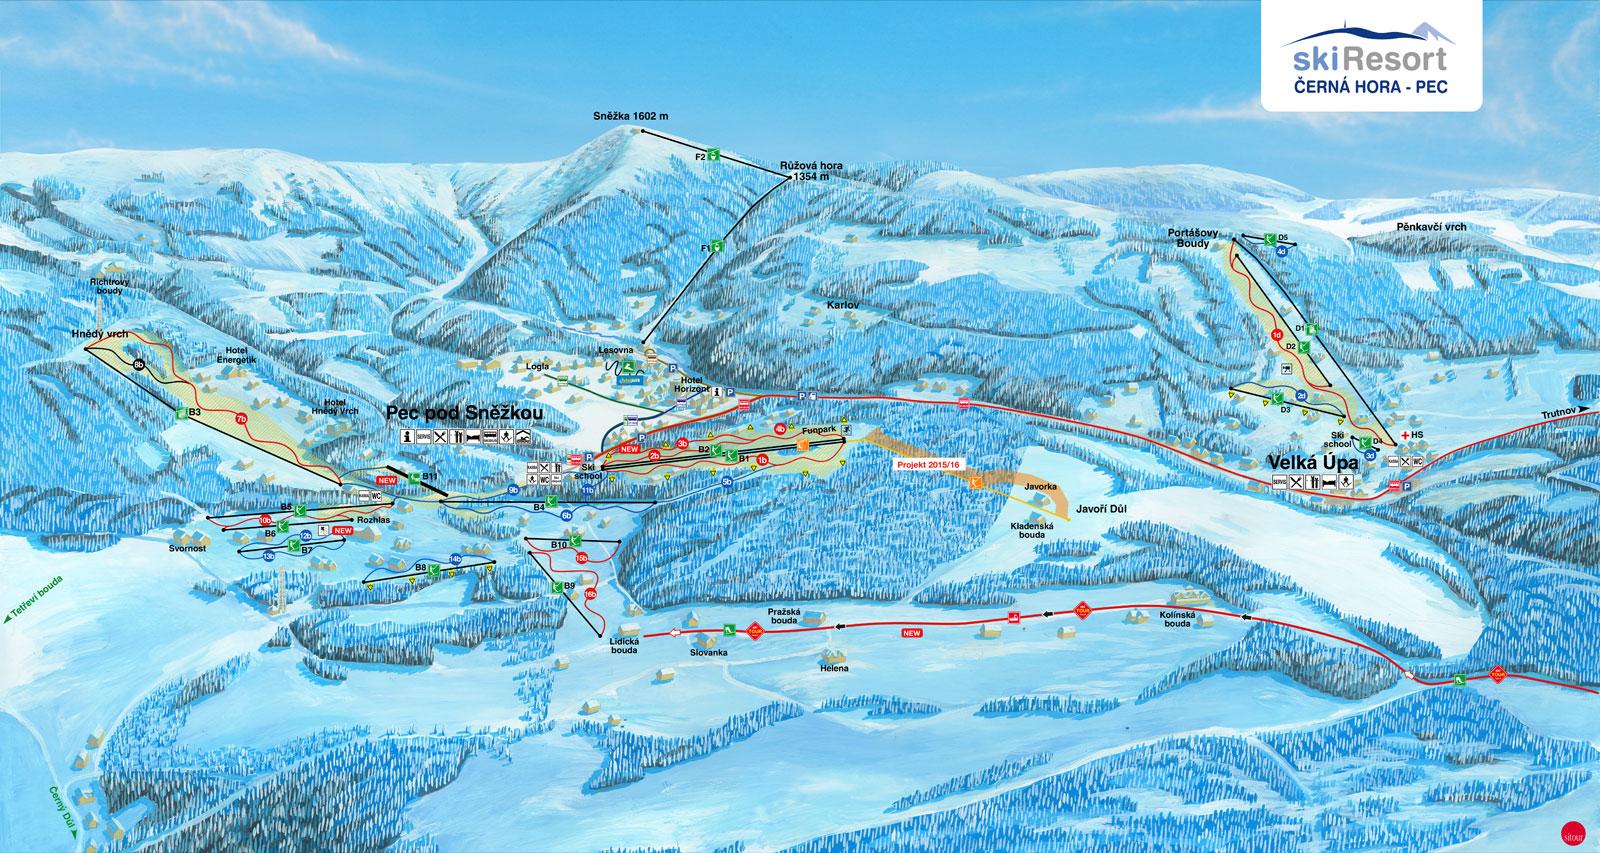 Pistekort Černá Hora (Pec pod Sněžkou)